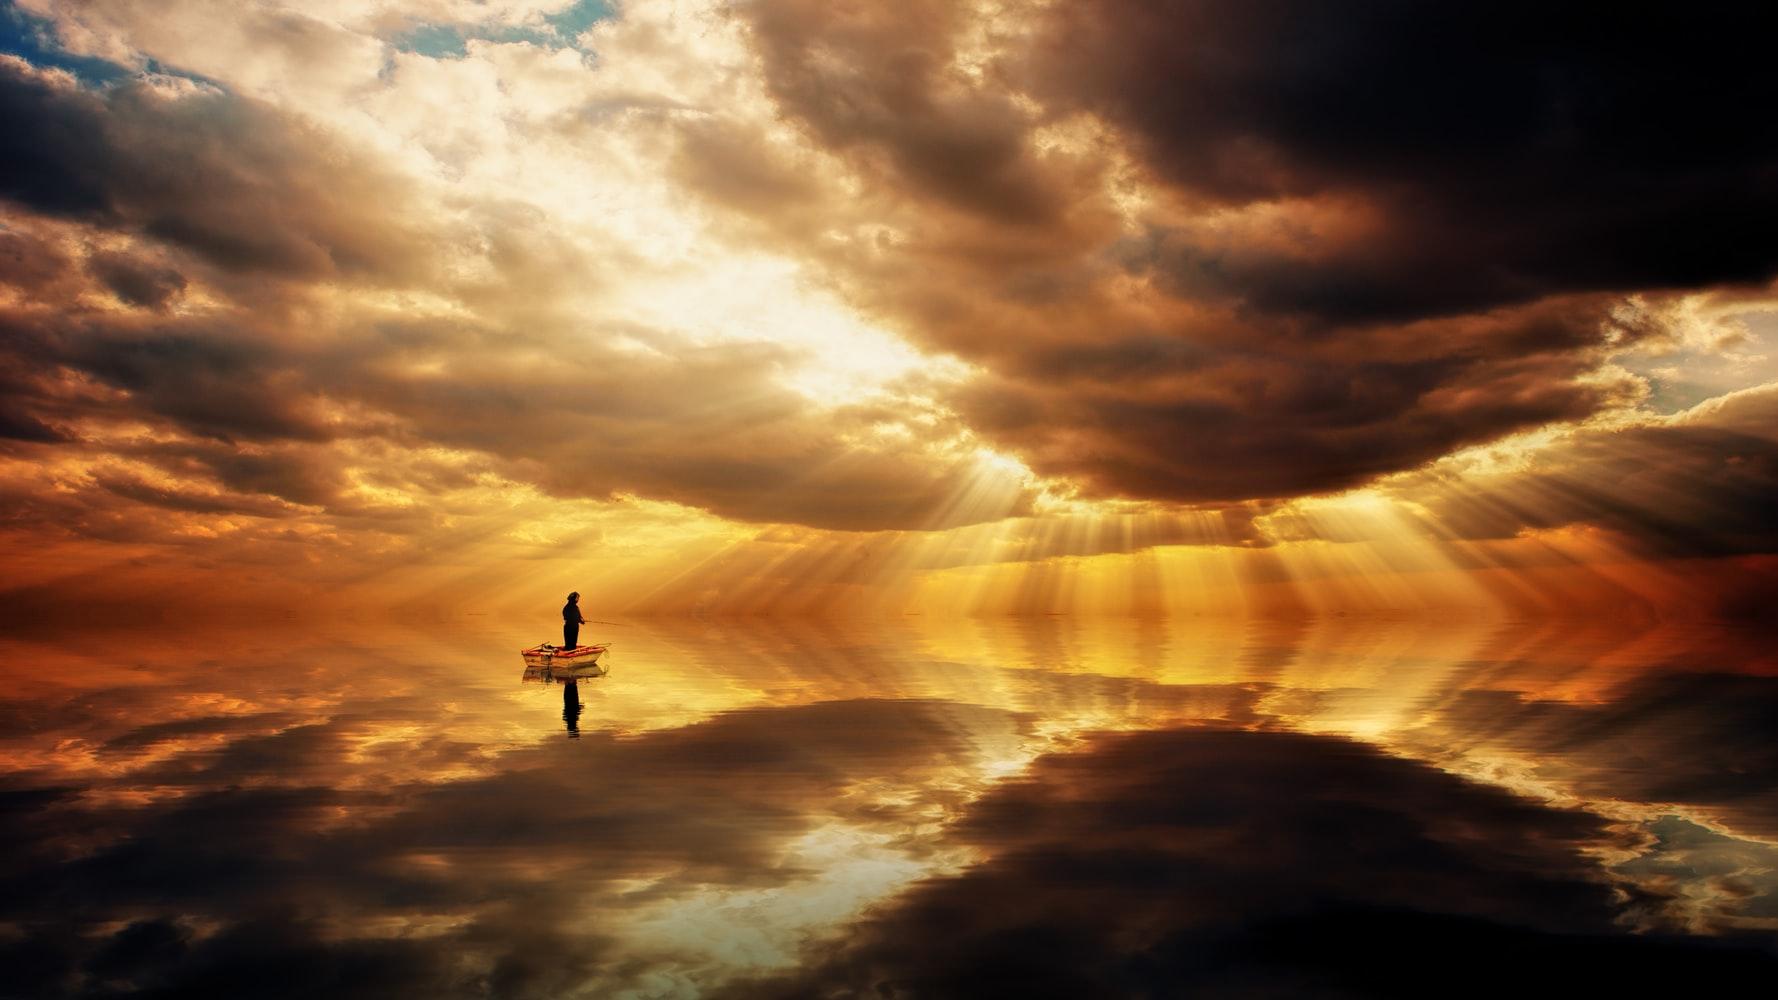 Seeking God's Reward